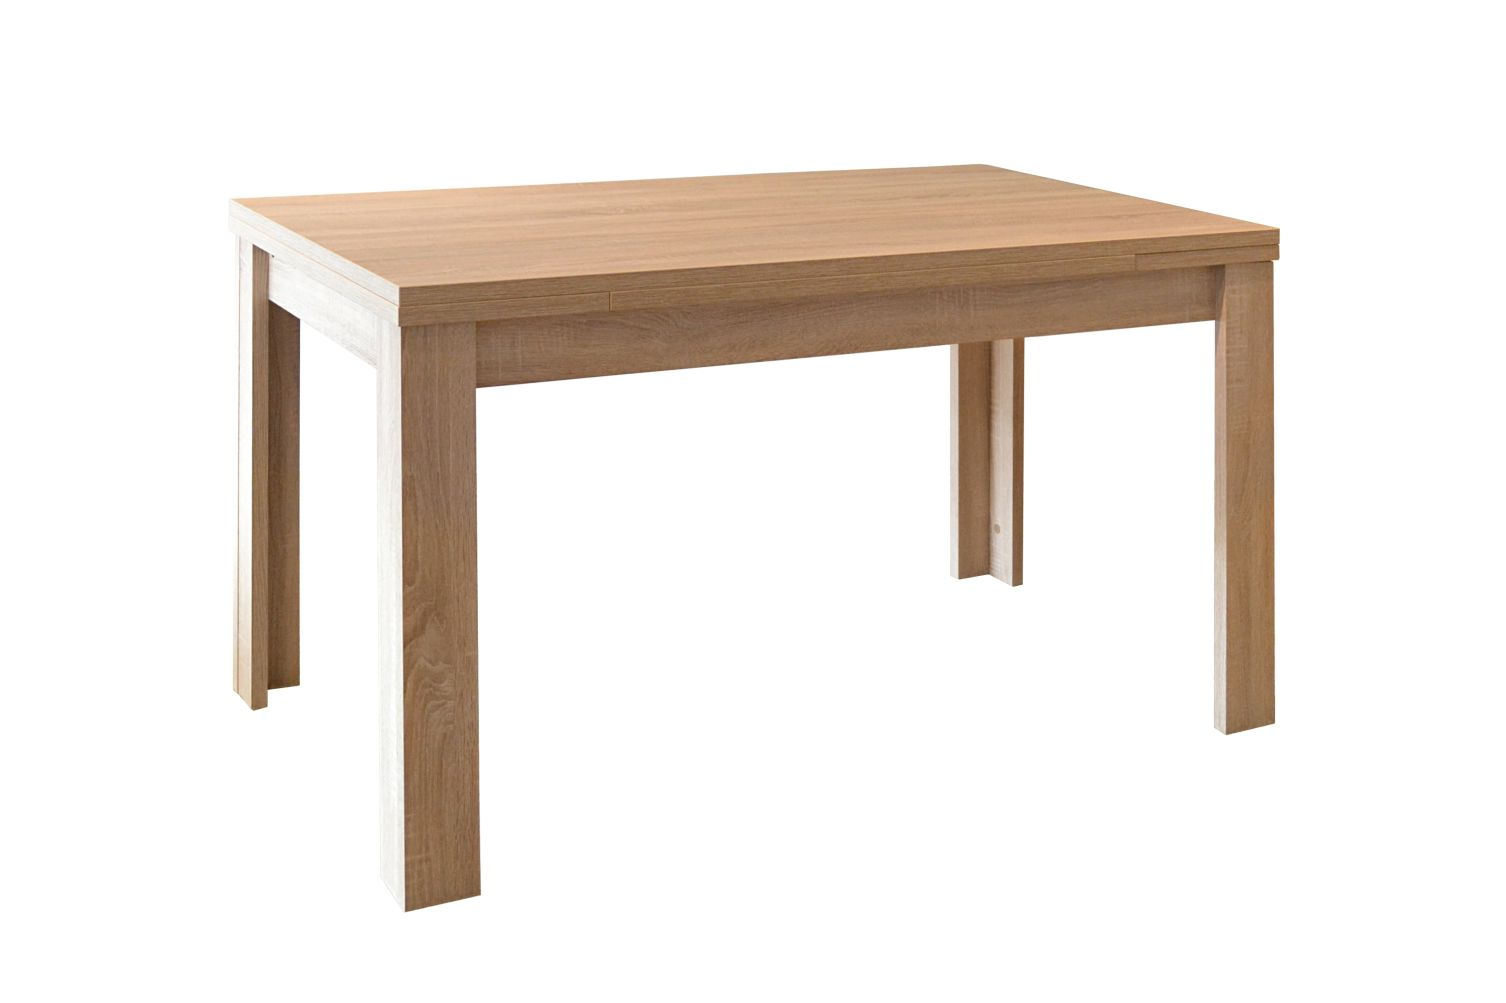 Tisch k chentisch esszimmertisch esstisch ausziehbar for Platzsparender esstisch